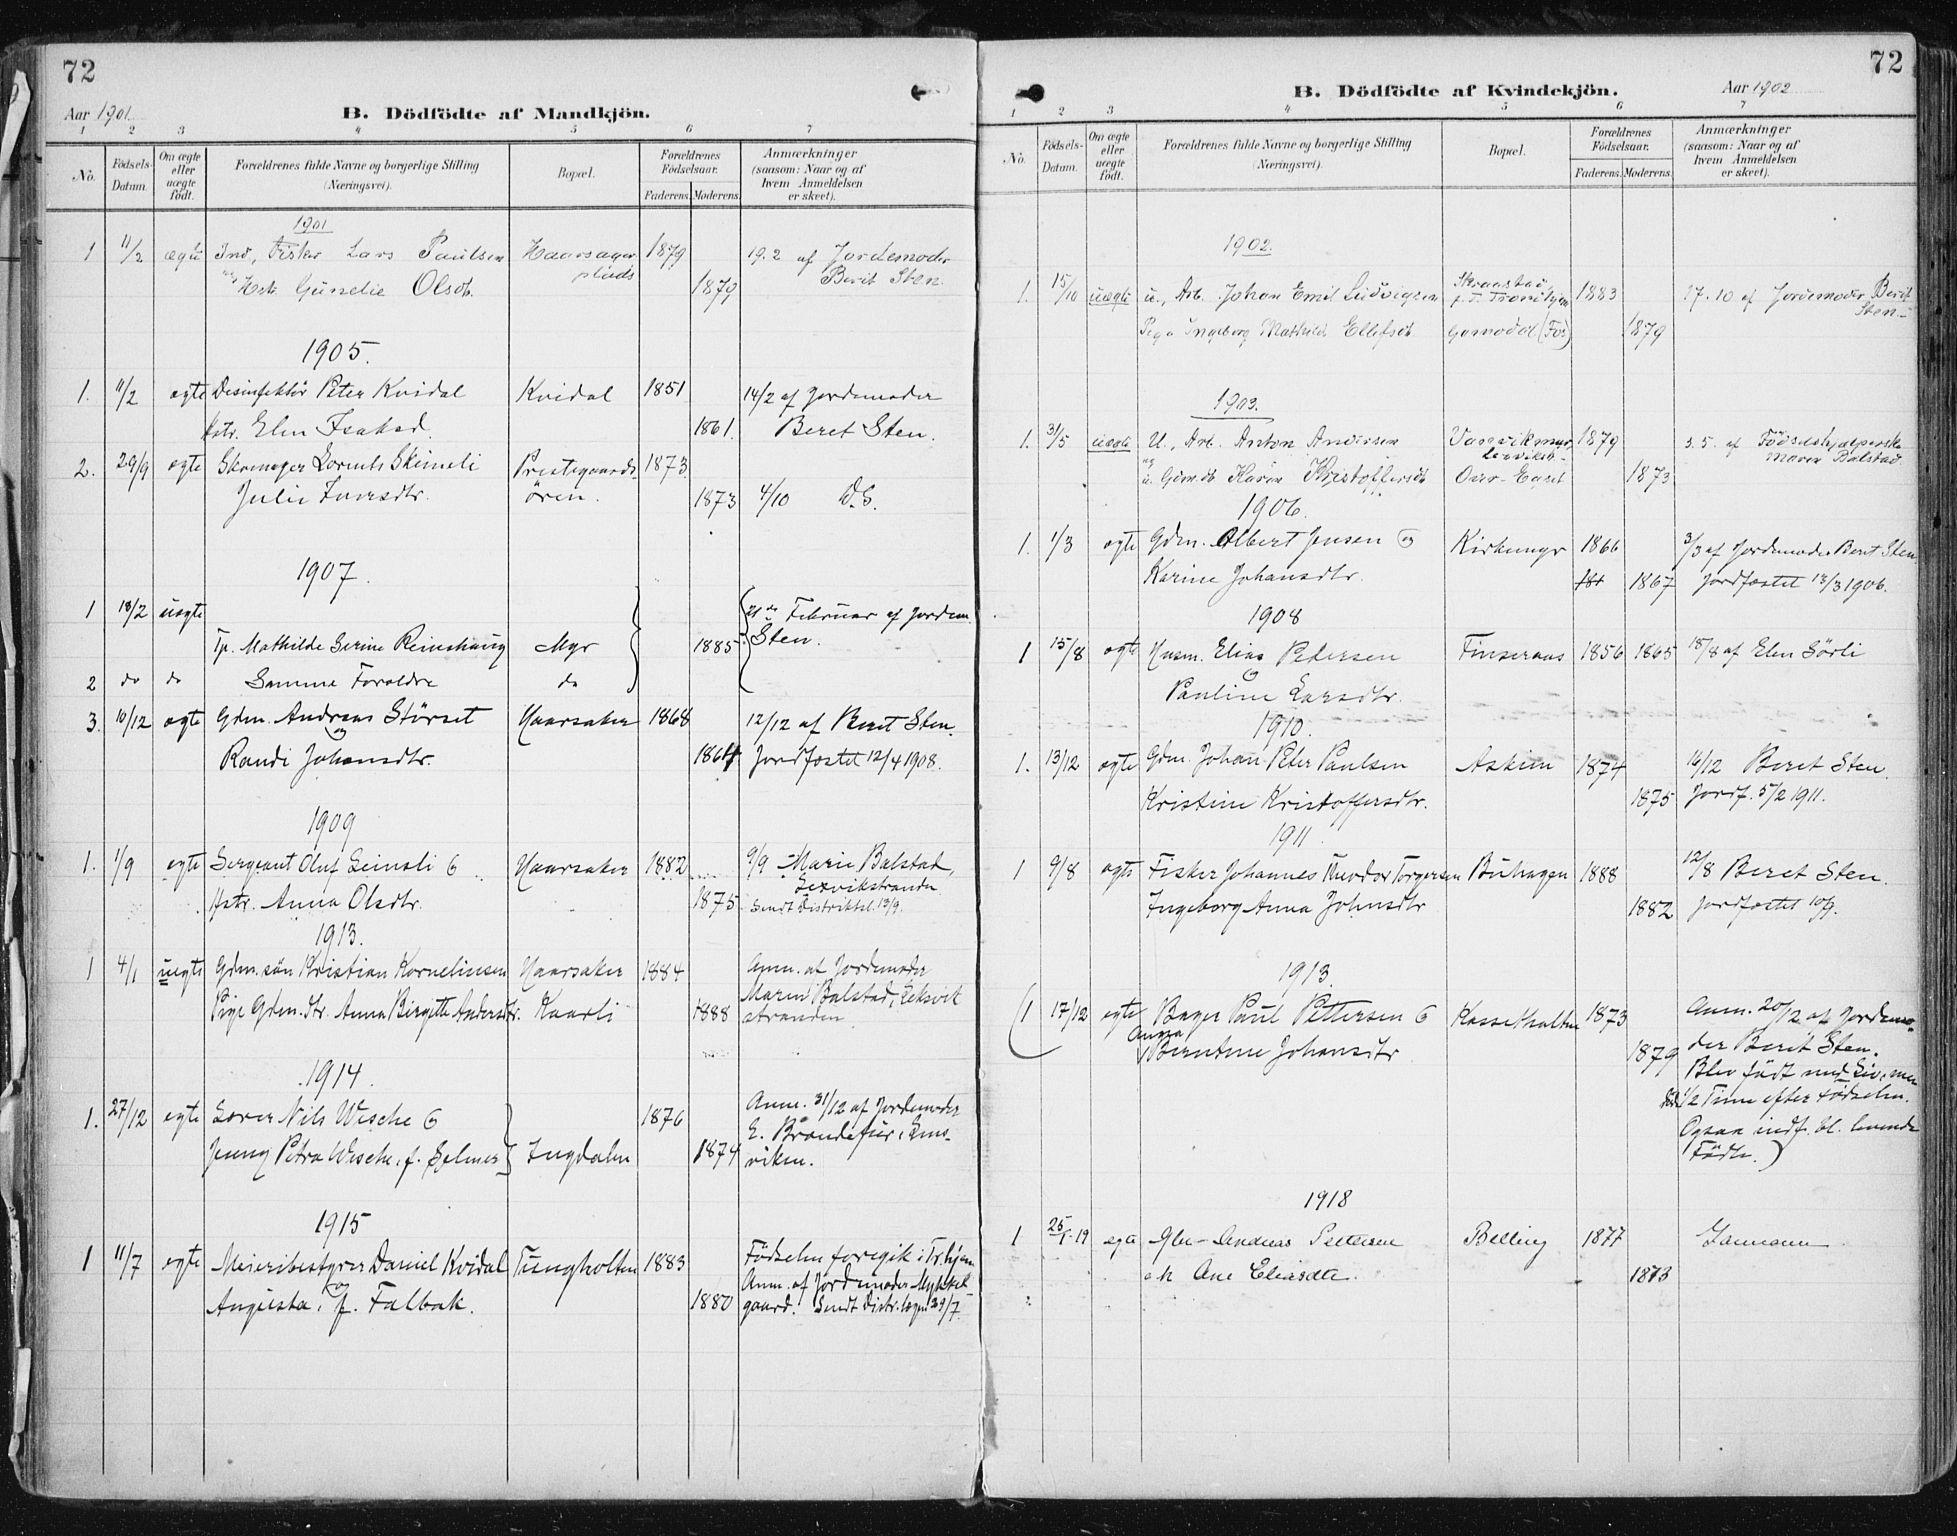 SAT, Ministerialprotokoller, klokkerbøker og fødselsregistre - Sør-Trøndelag, 646/L0616: Ministerialbok nr. 646A14, 1900-1918, s. 72